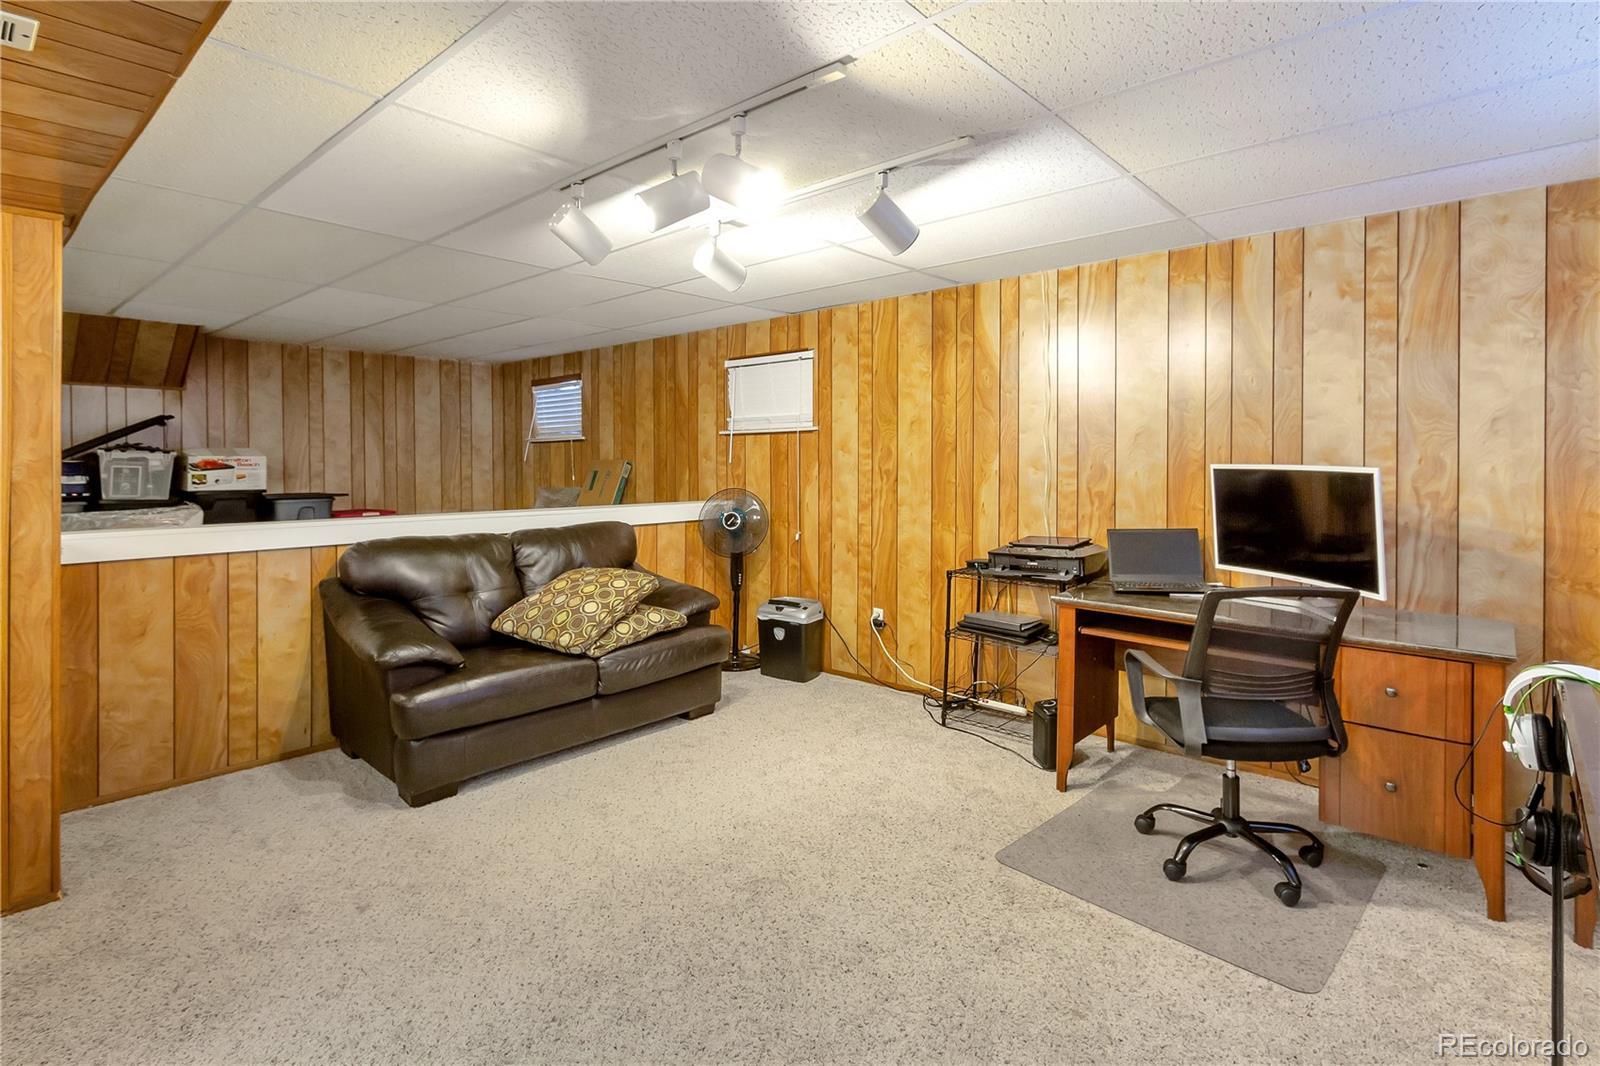 MLS# 8750243 - 31 - 2528 S Eldridge Street, Lakewood, CO 80228